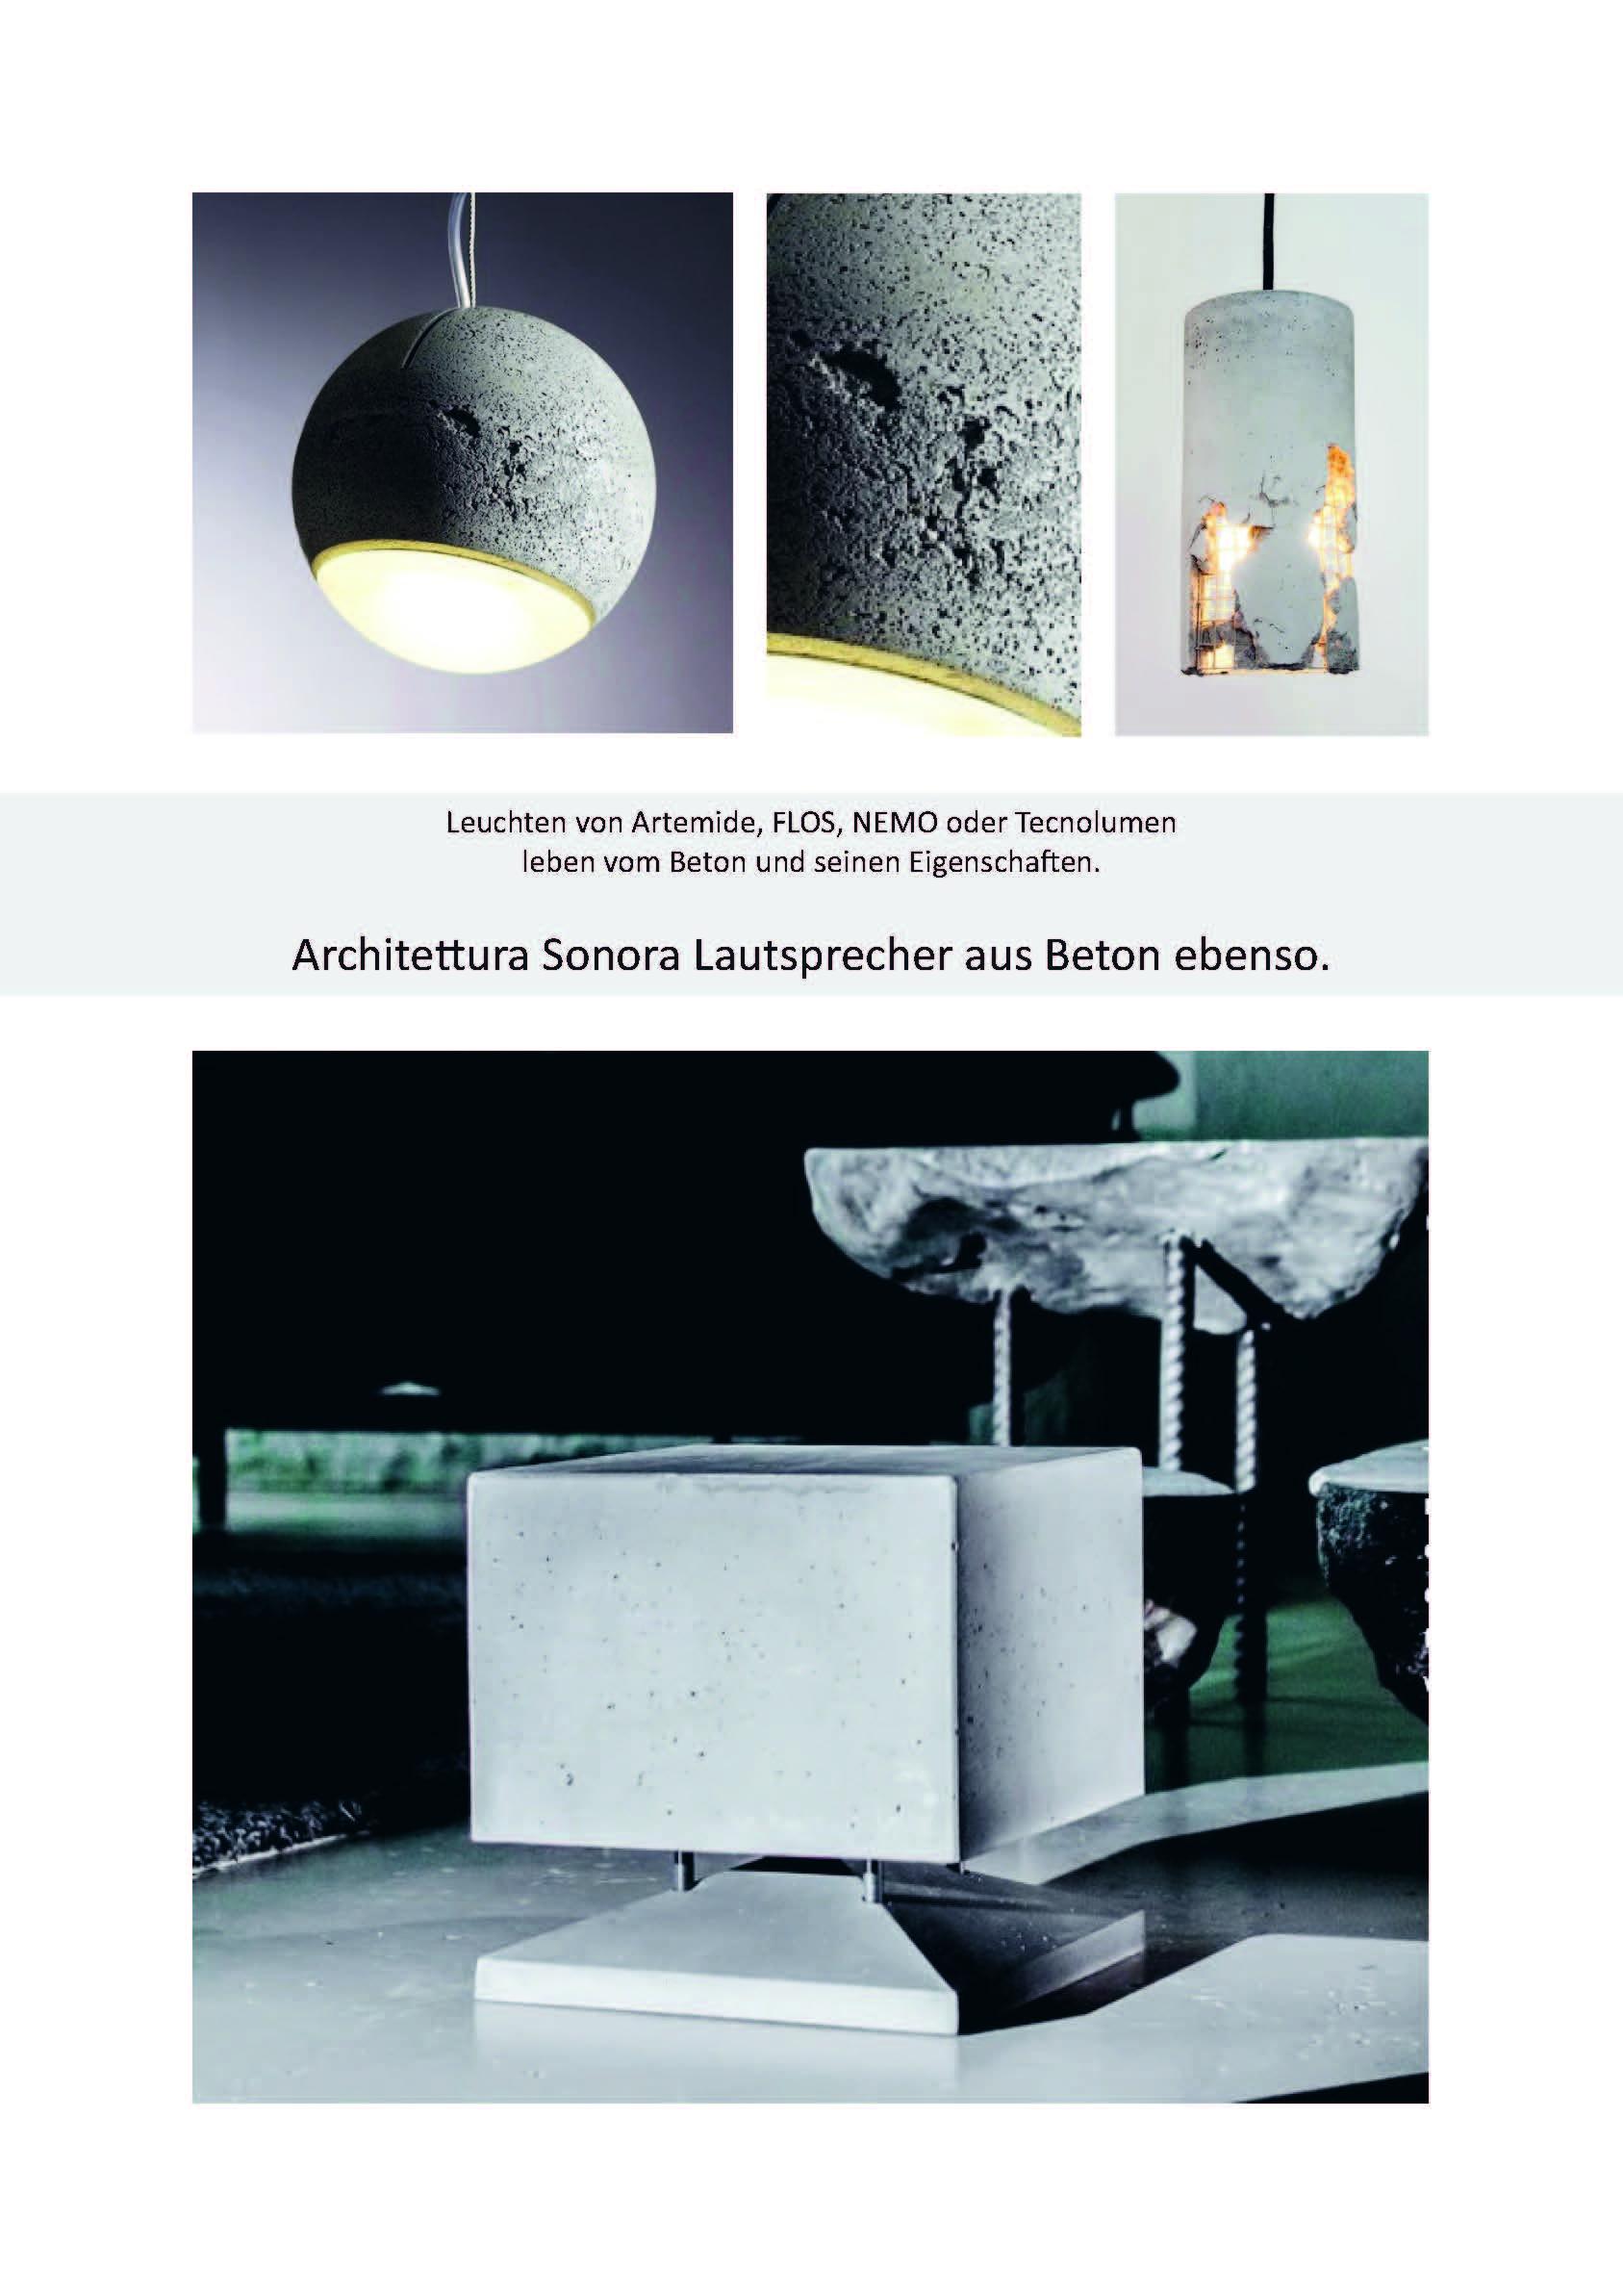 materialeigenschaften_beton_und_terracotta_Seite_2